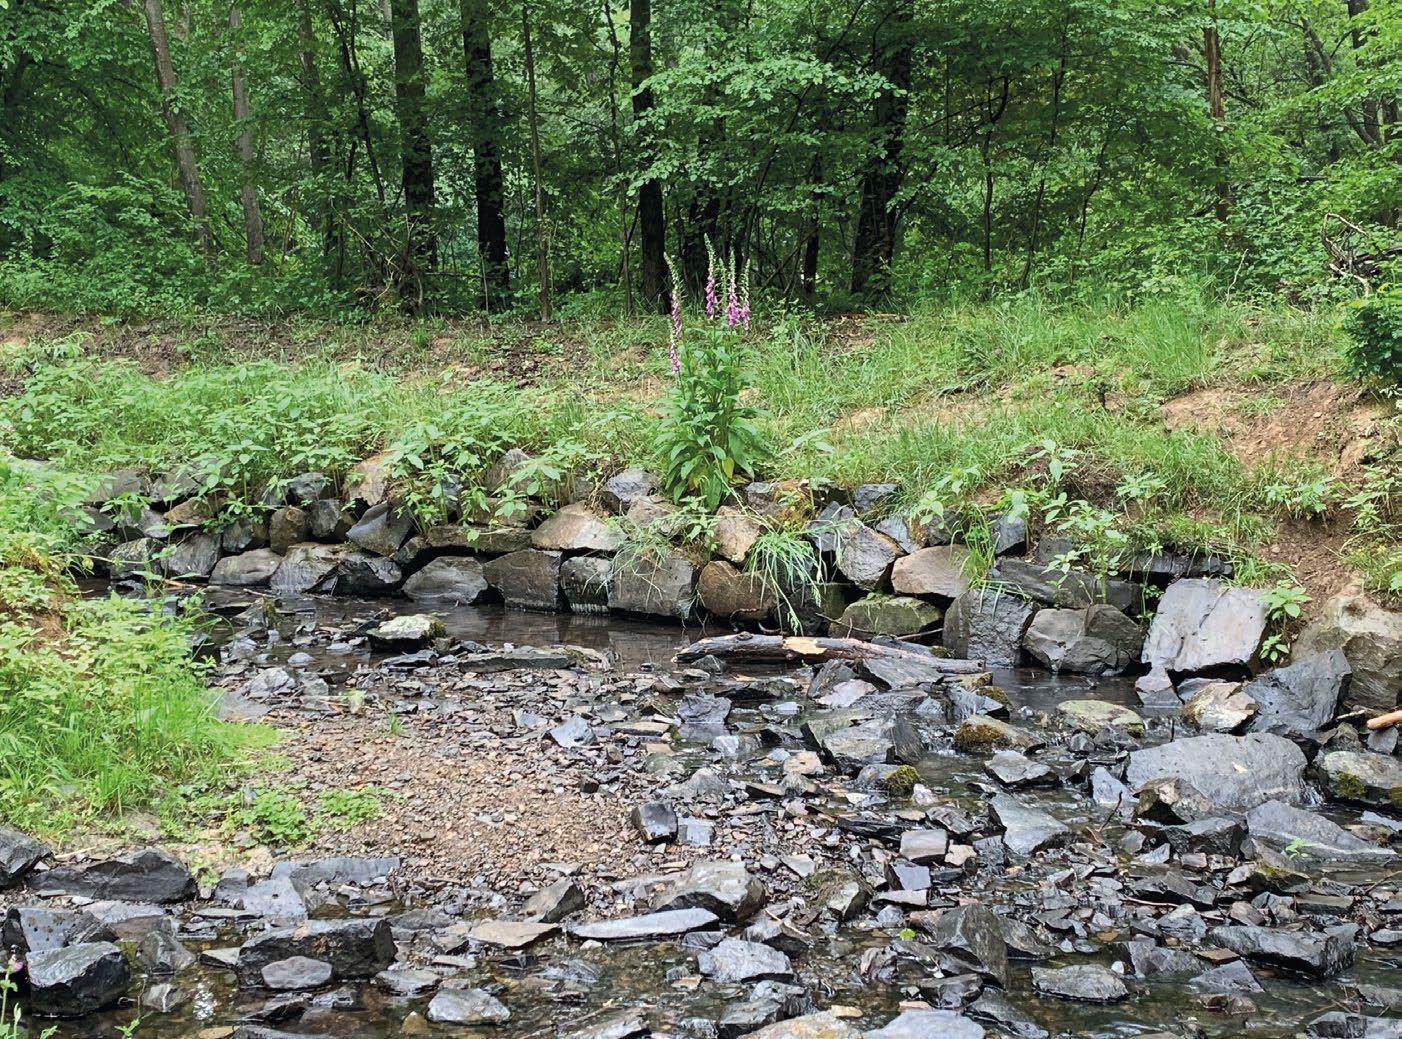 Page 8 of tourentipp Dreitälerweg in der naturregion Sieg